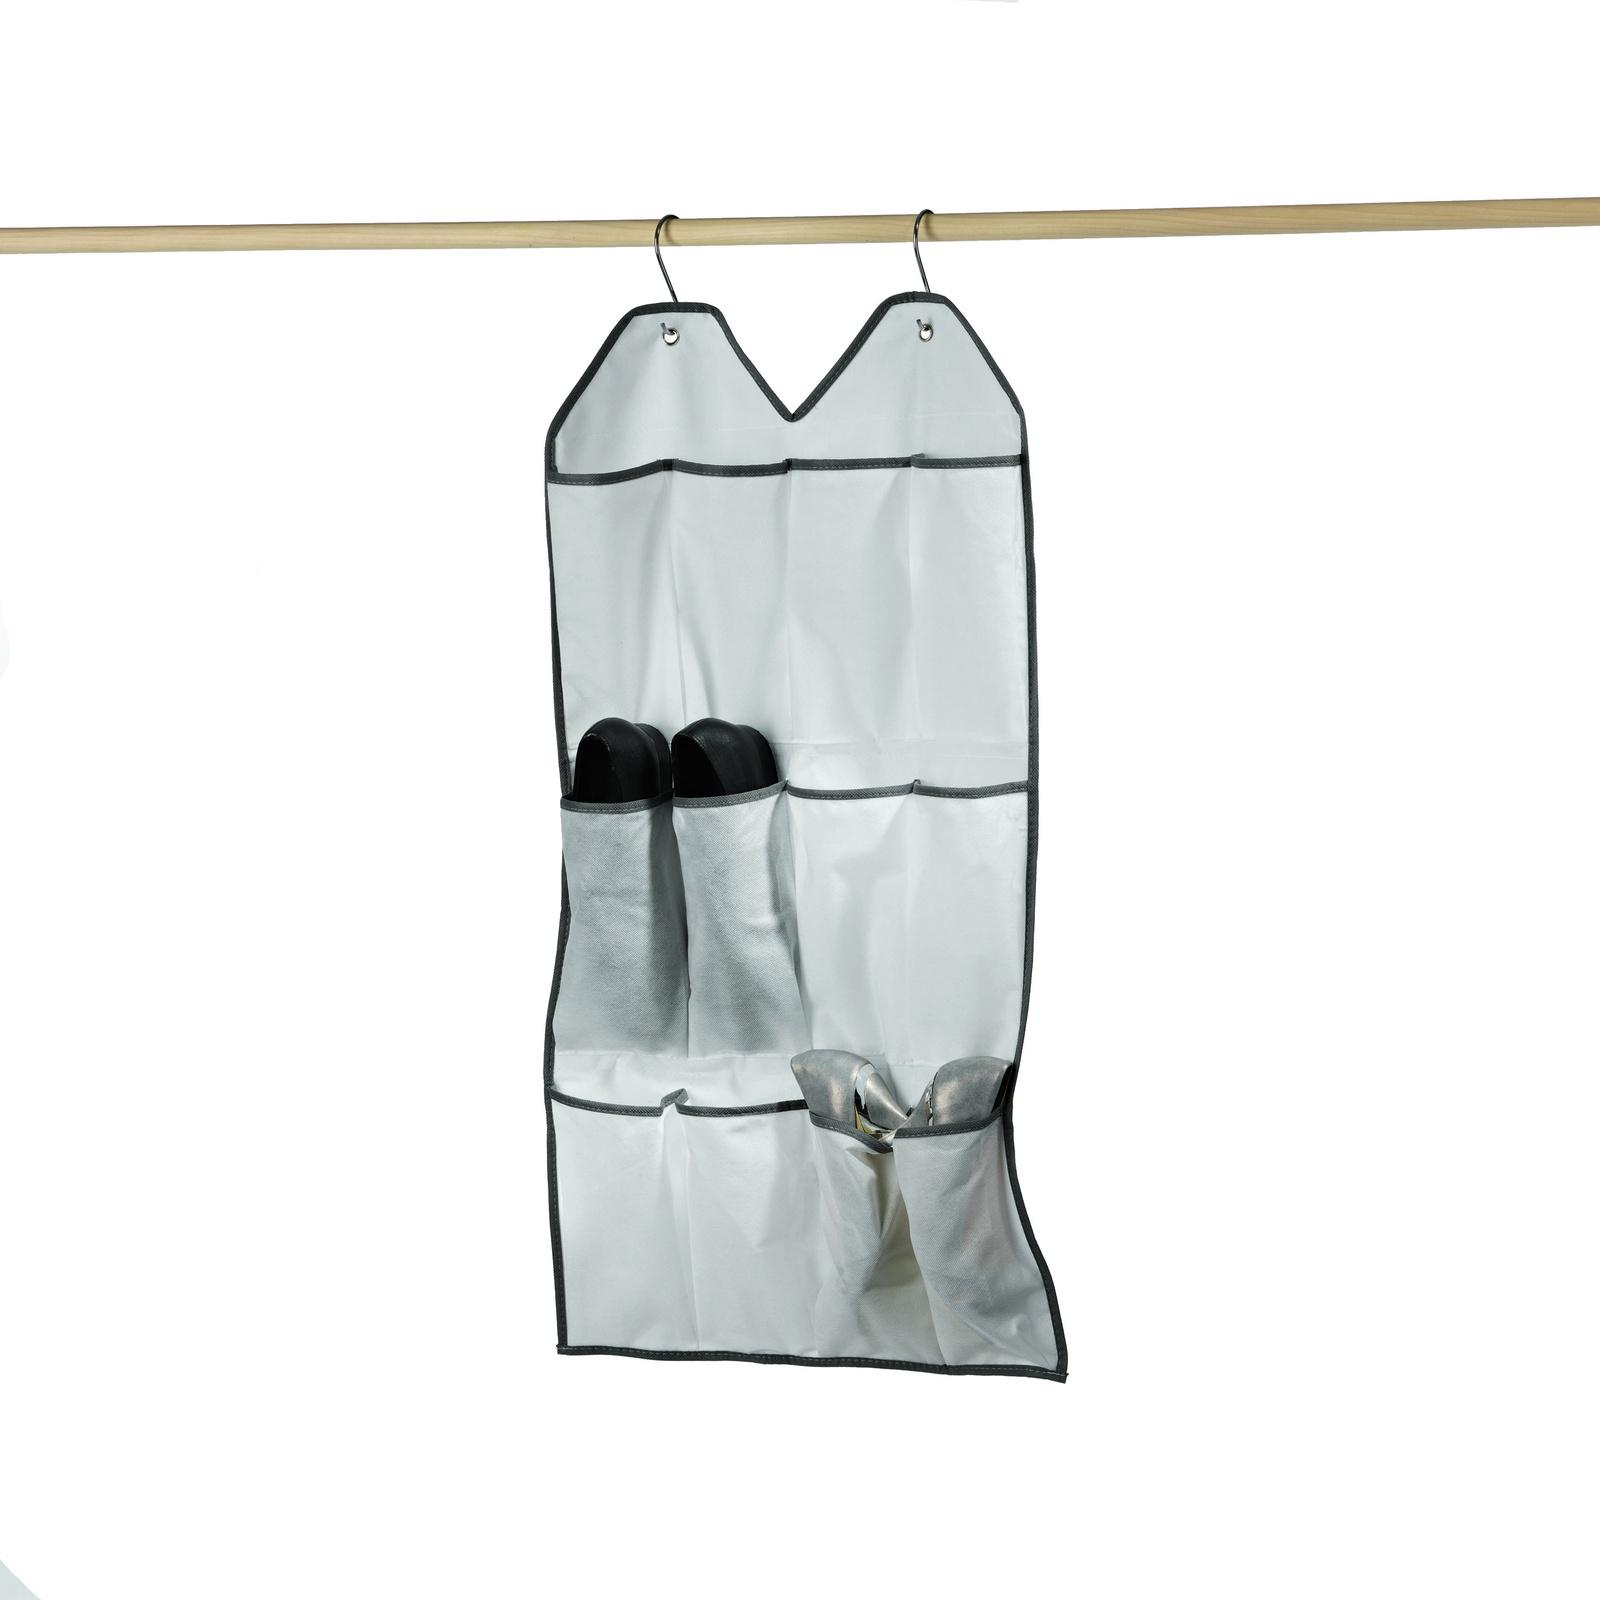 Подвесной органайзер Bella Casa, для хранения 6 пар обуви, цвет: белый. BC25010 сушильный стеллаж для обуви змк zmk komfor на 70 пар